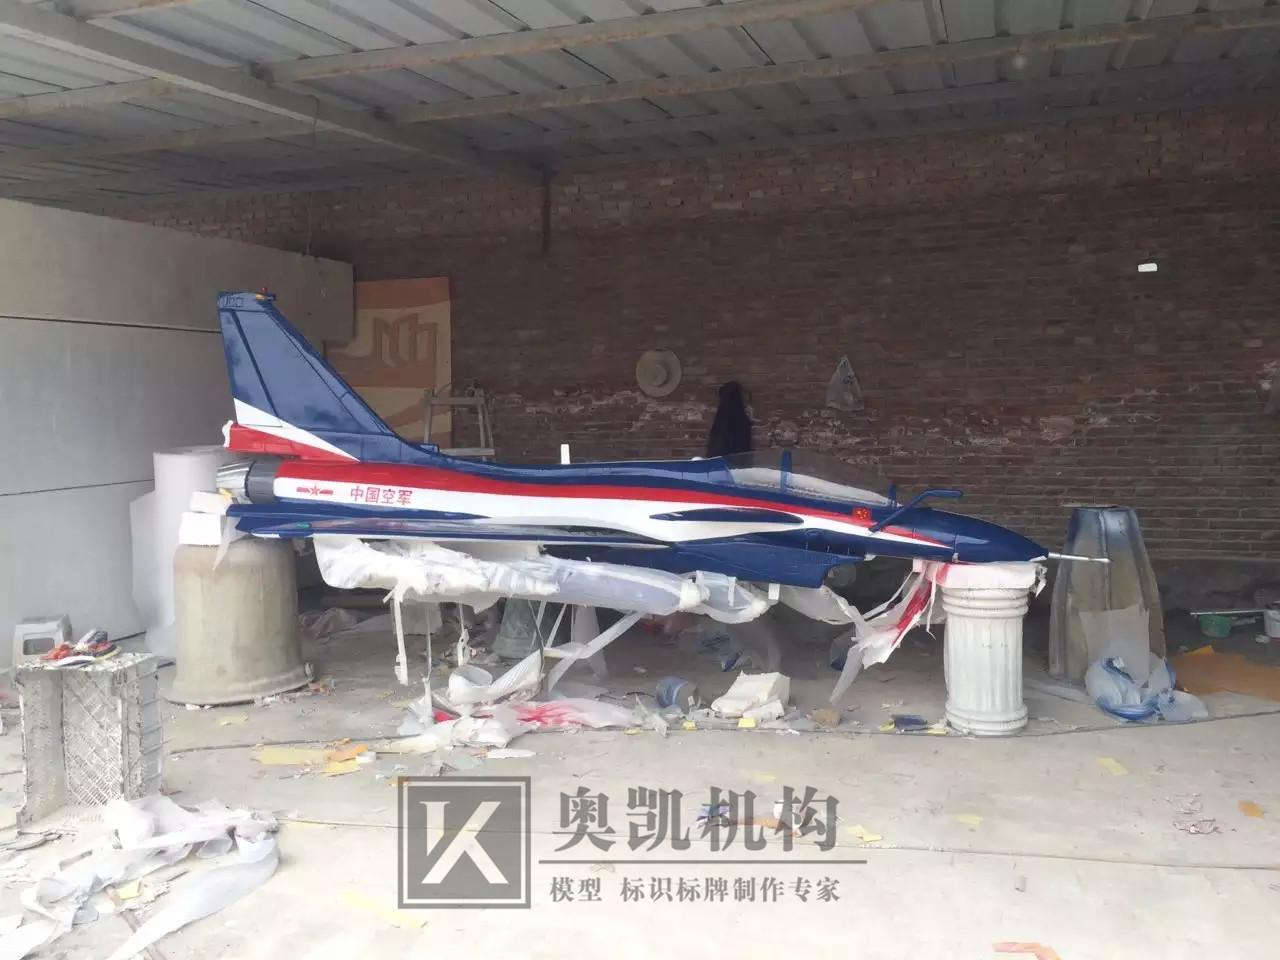 北京奥凯模型--战斗机模型